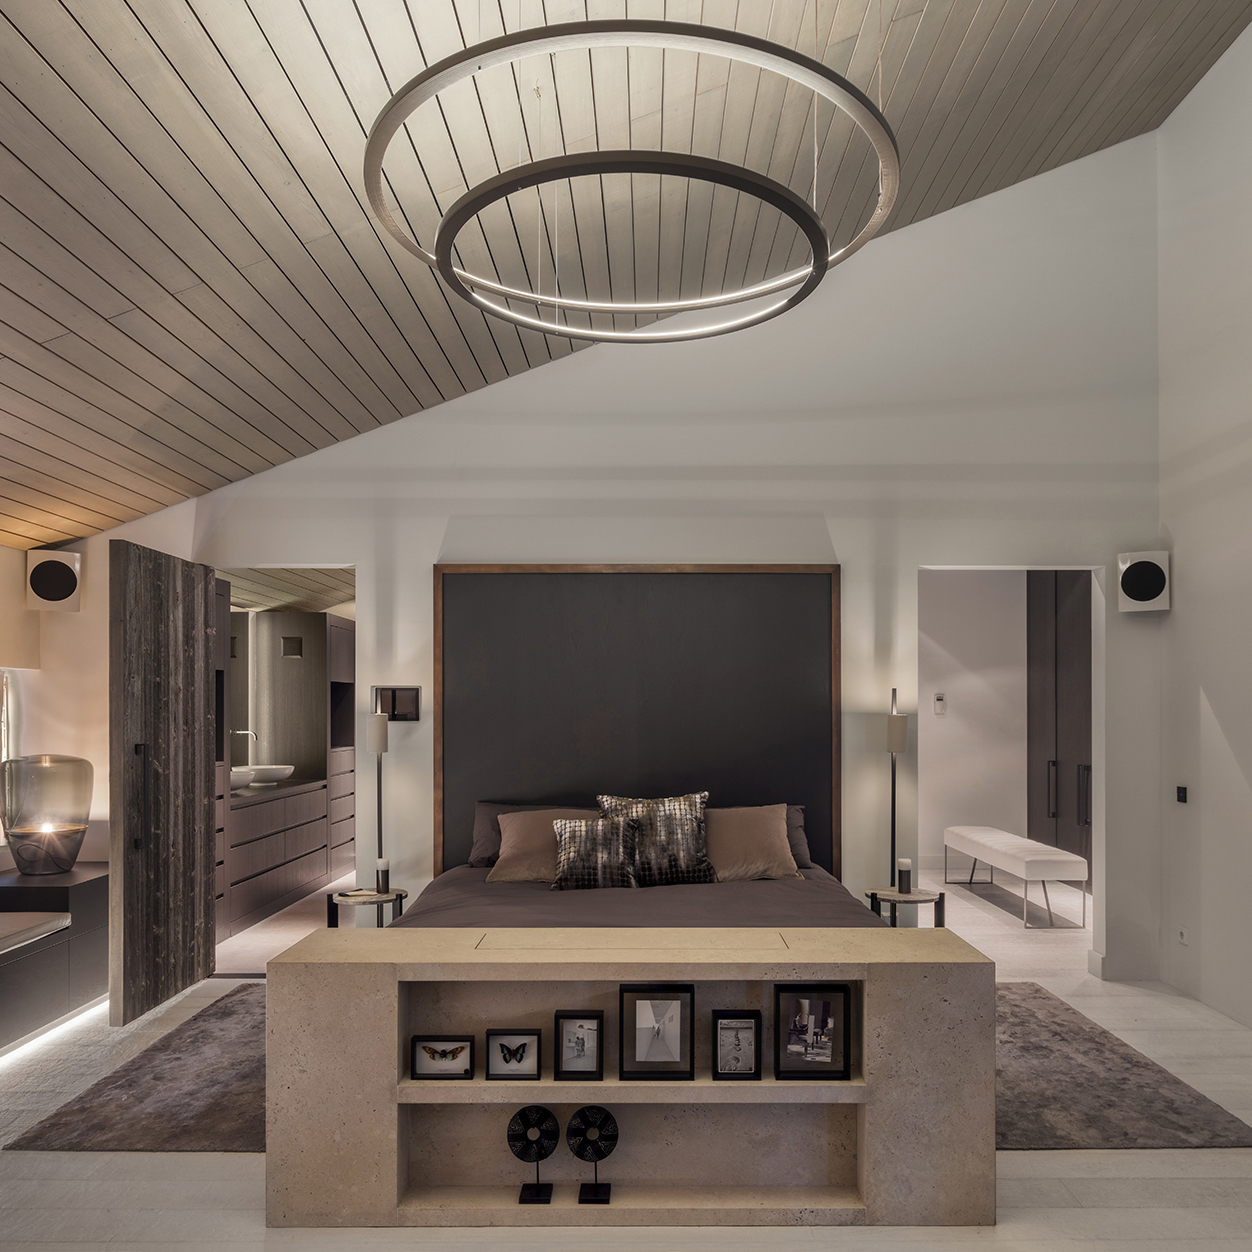 Het tv-meubel aan het voeteneinde van het tweepersoonsbed is voorzien van een praktisch liftsysteem, waardoor de televisie uit het zicht verdwijnt. Ook dit meubel is in zijn geheel vervaardigd uit Travertin natuursteen.